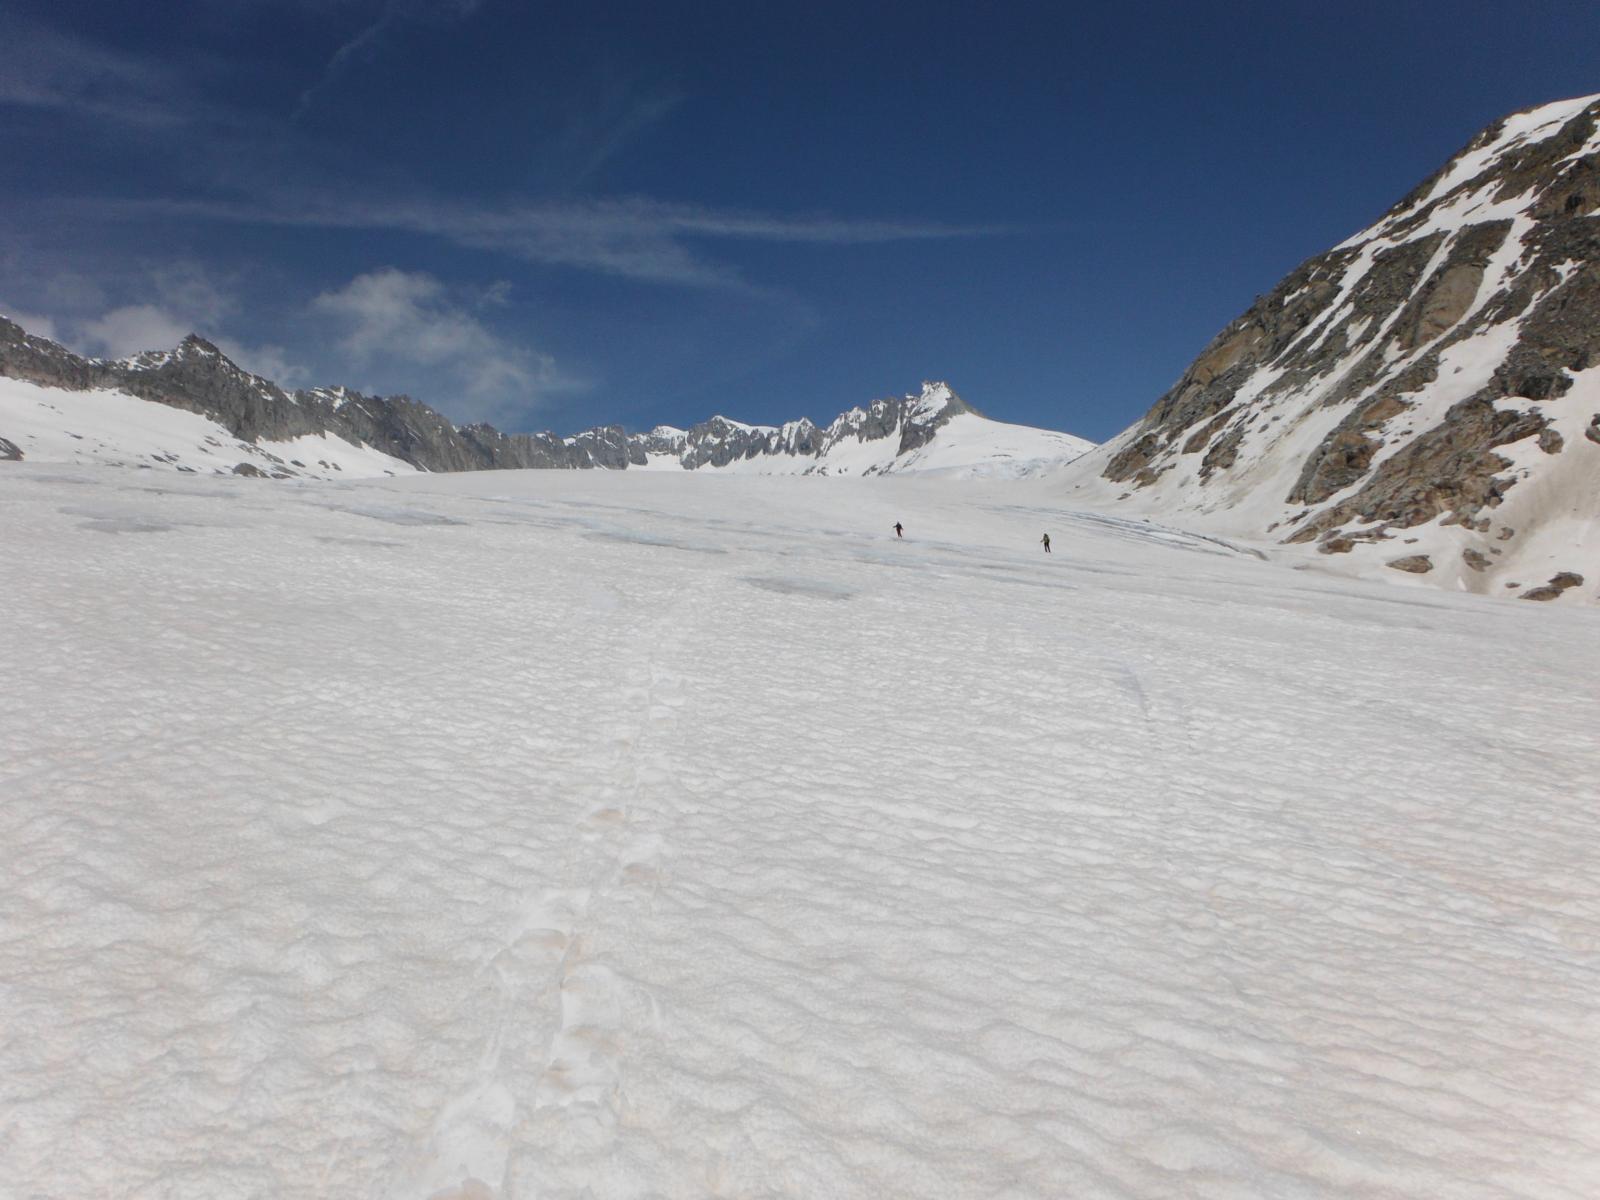 Sul ghiacciao